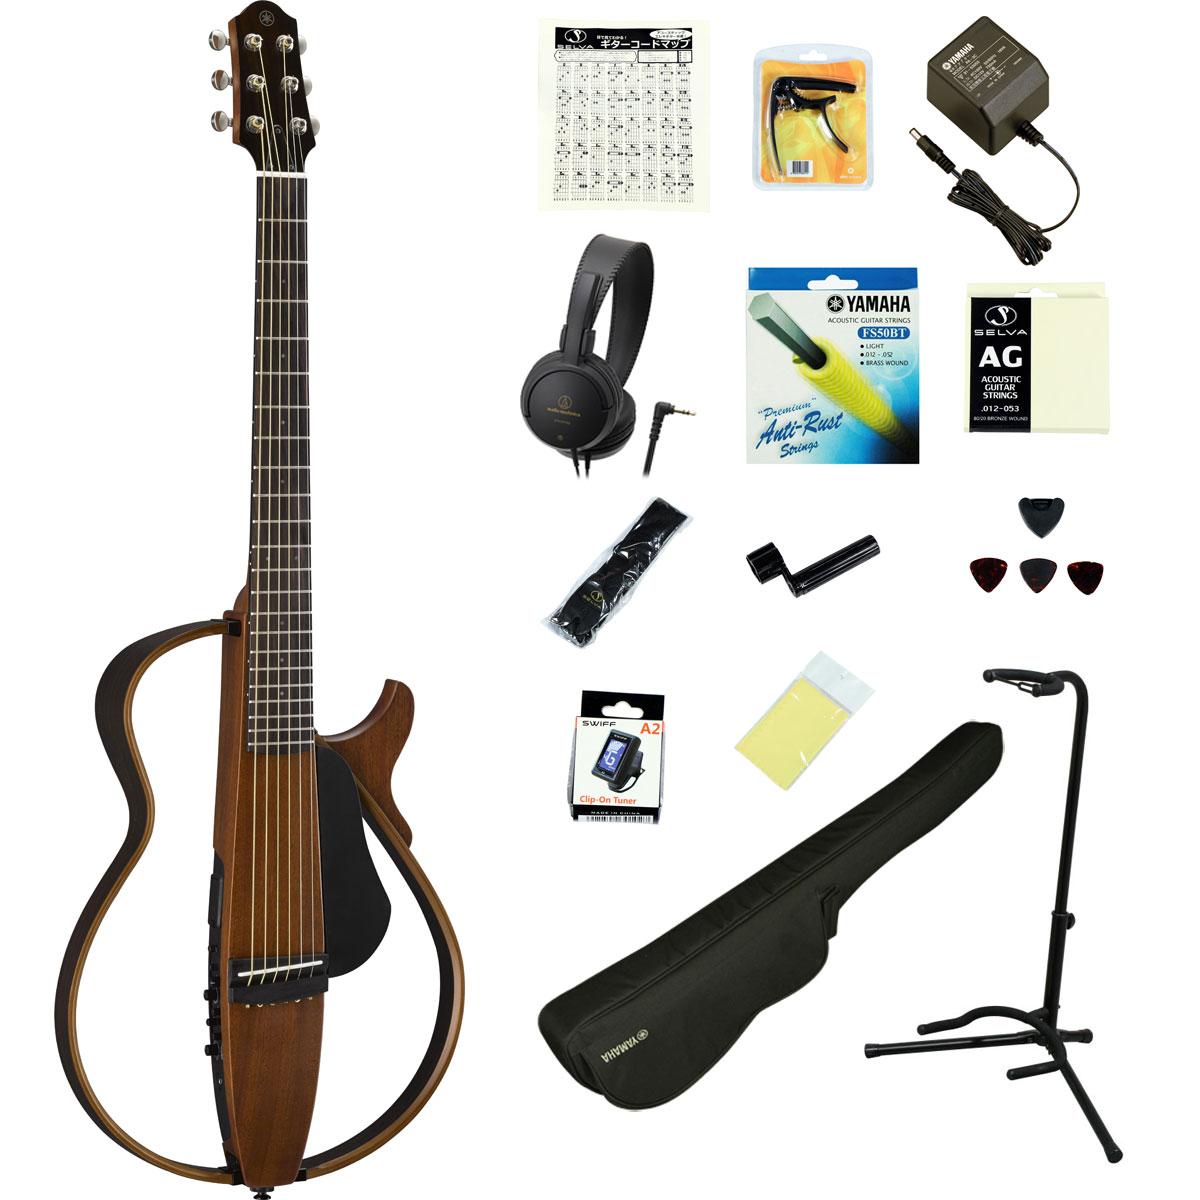 YAMAHA / SLG200S NT (ナチュラル) 【これで完璧!18点フルセット】 ヤマハ サイレントギター アコースティックギター スチール弦仕様 SLG-200S【YRK】